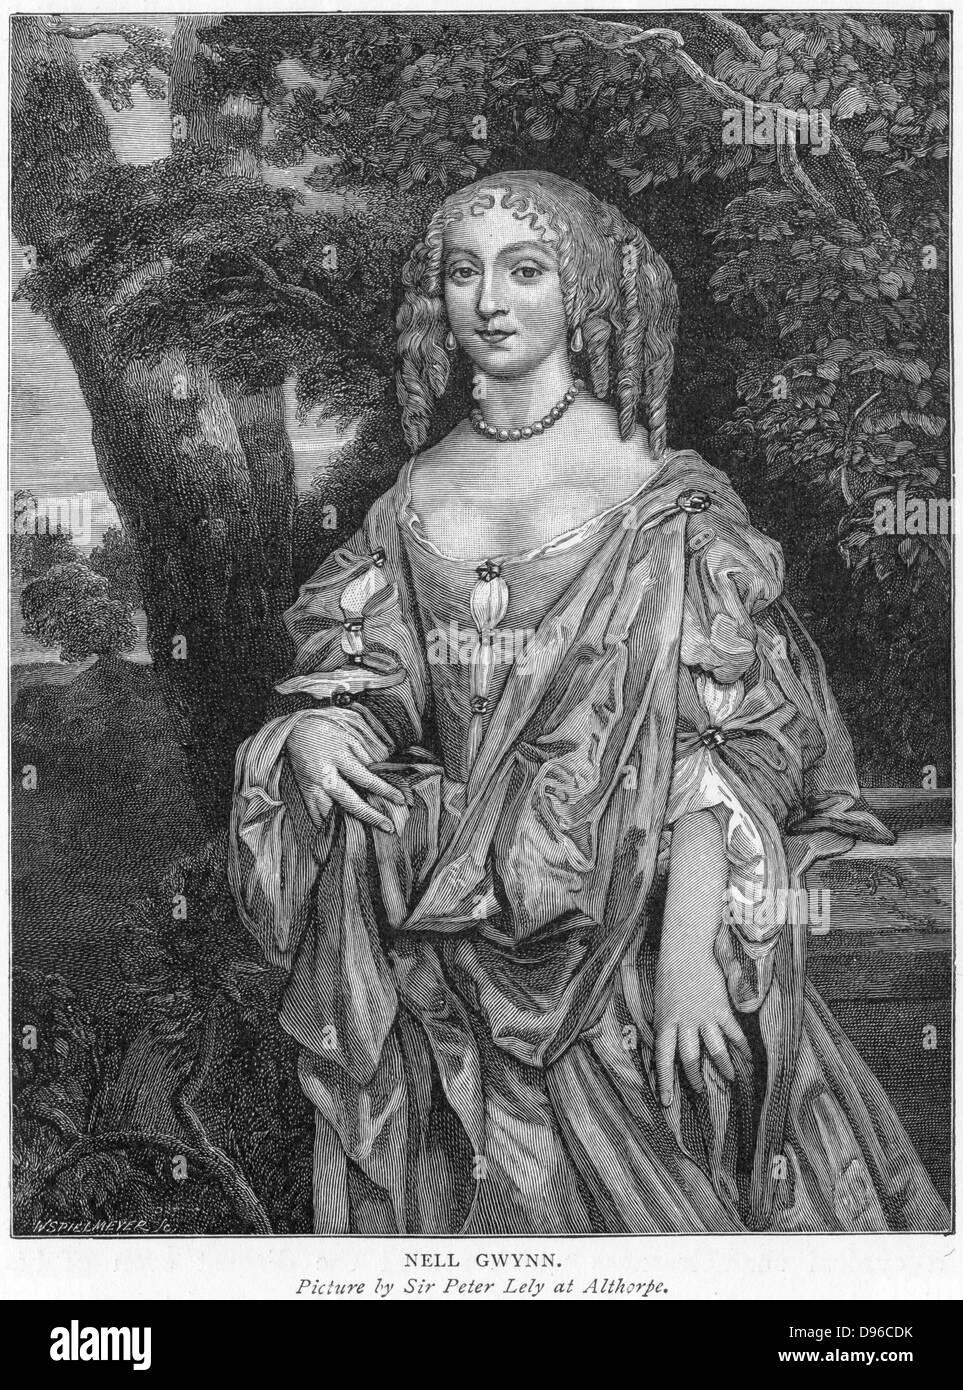 Nell Gwyn (c1650-1687), englische Comic-Schauspielerin: Geliebte von Charles II.  Gravur. Stockbild